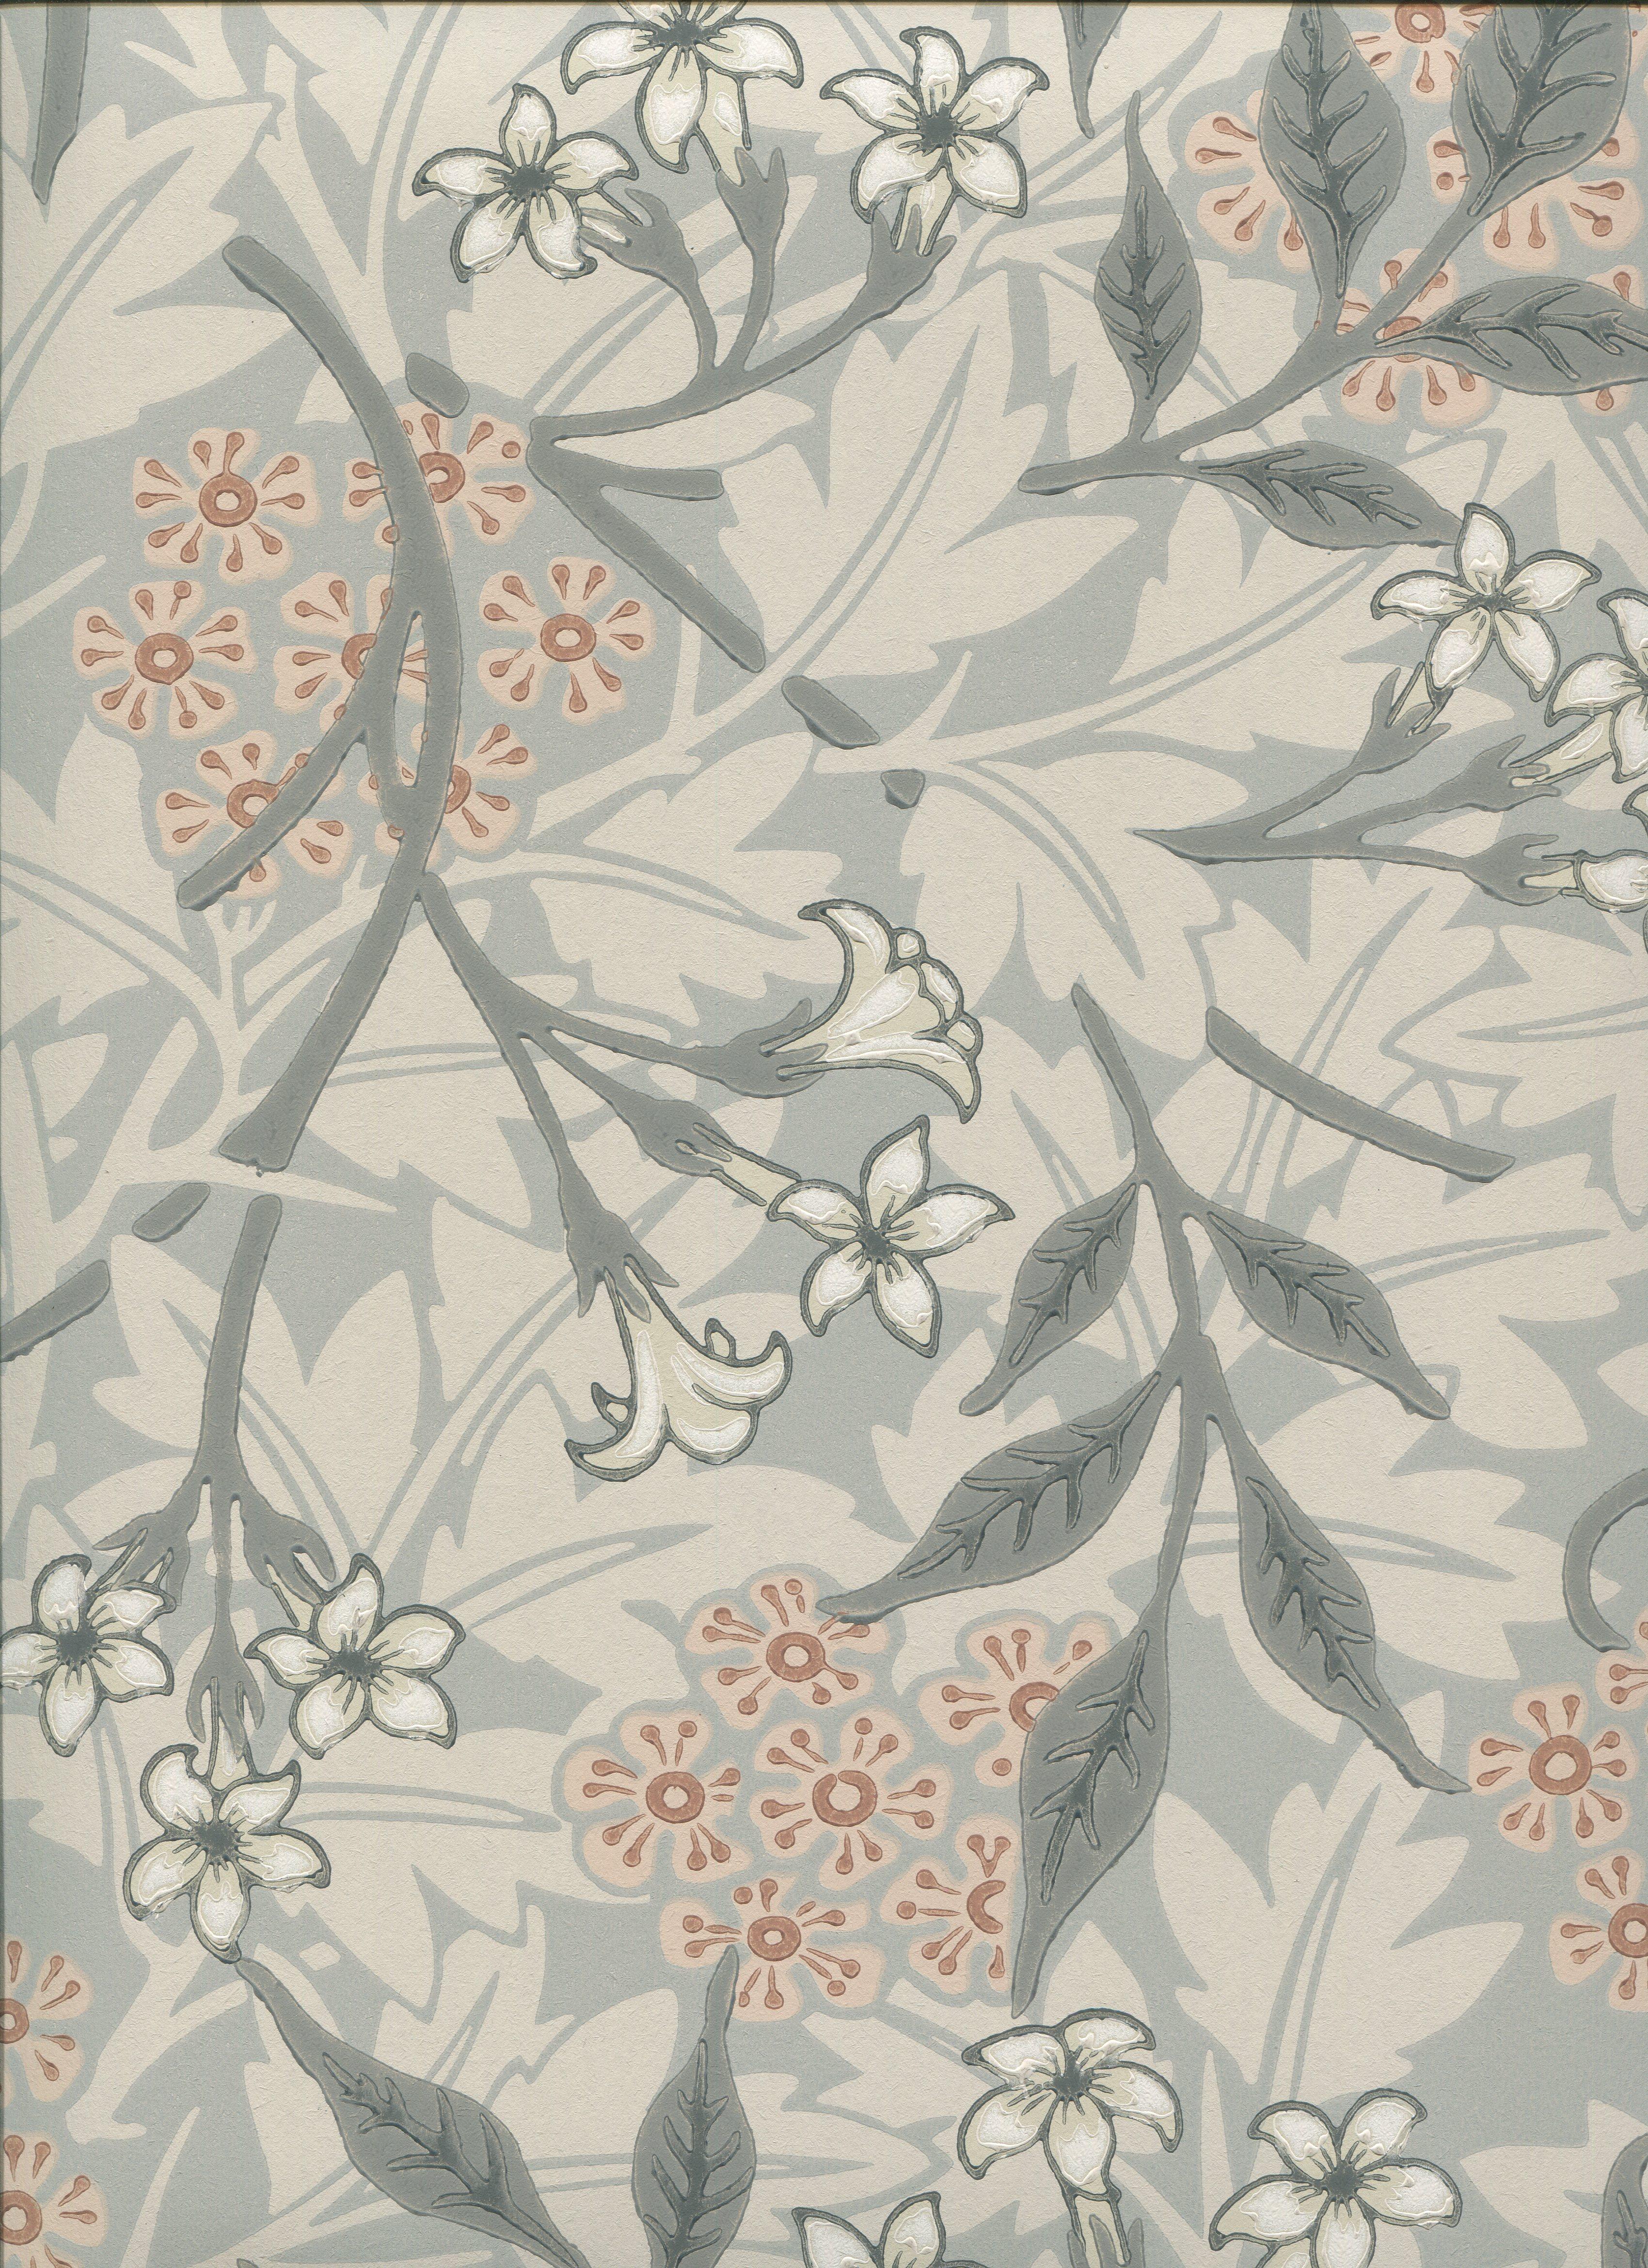 ウィリアムモリス壁紙 Jasmine 10m1巻 12 480 税別 ウィリアムモリス正規販売店 輸入ファブリック 自然素材生地のオーダーカーテンの店 布の森 Canbell